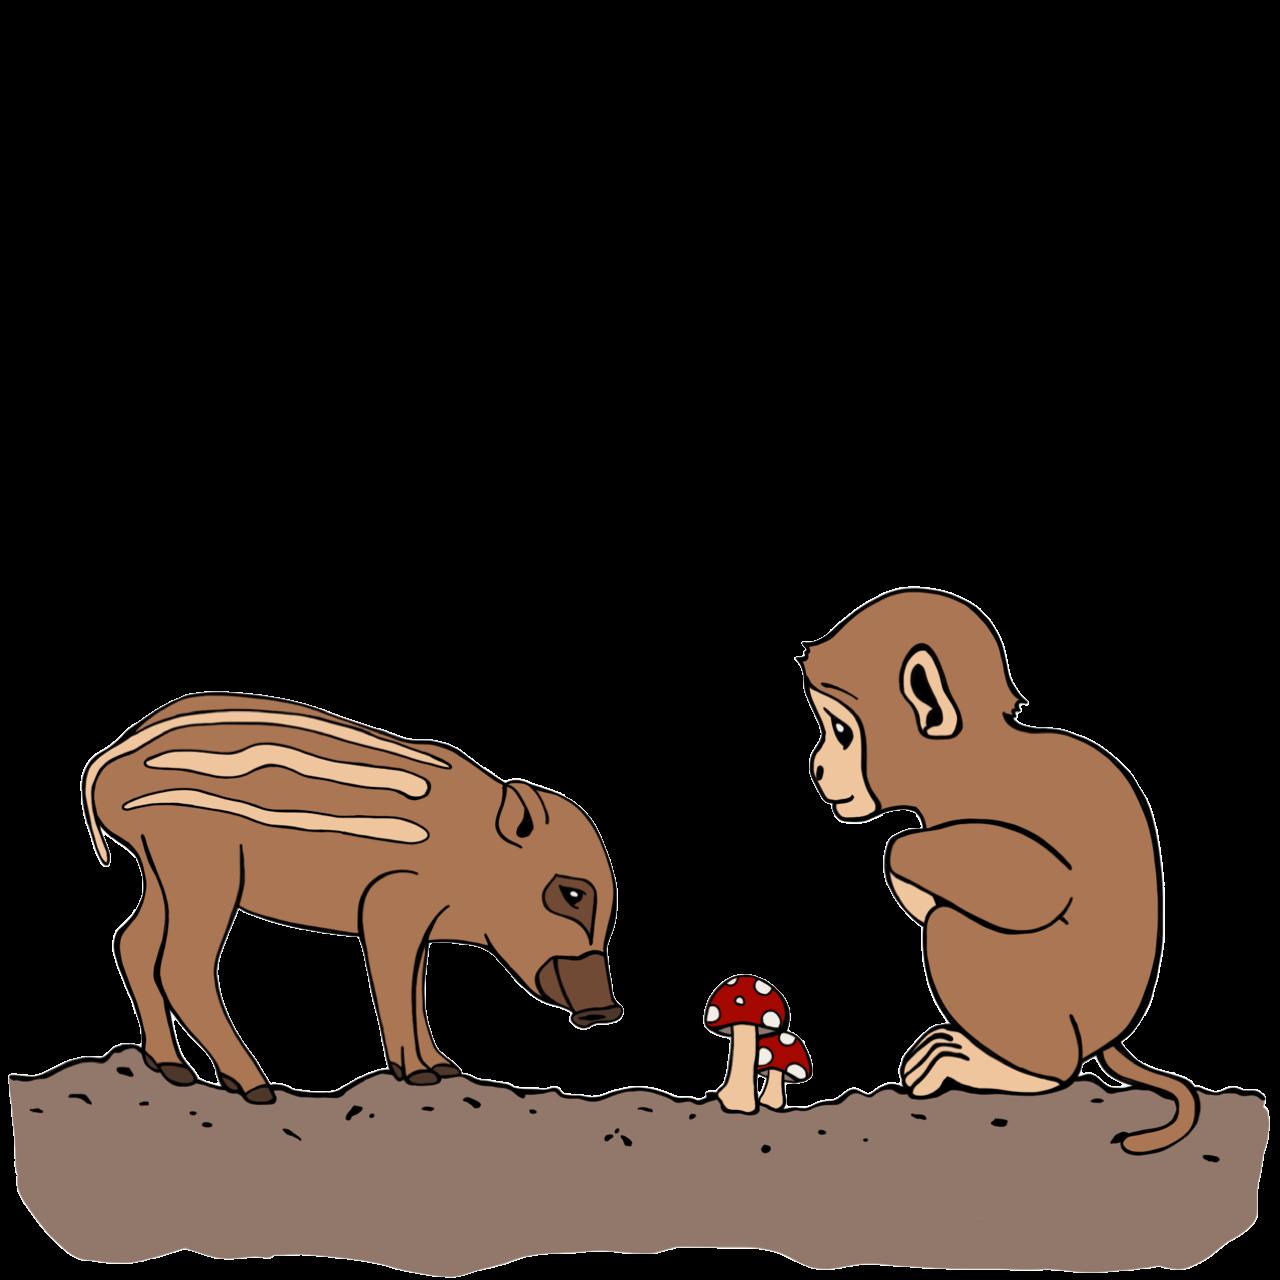 小猿と瓜坊ときのこ